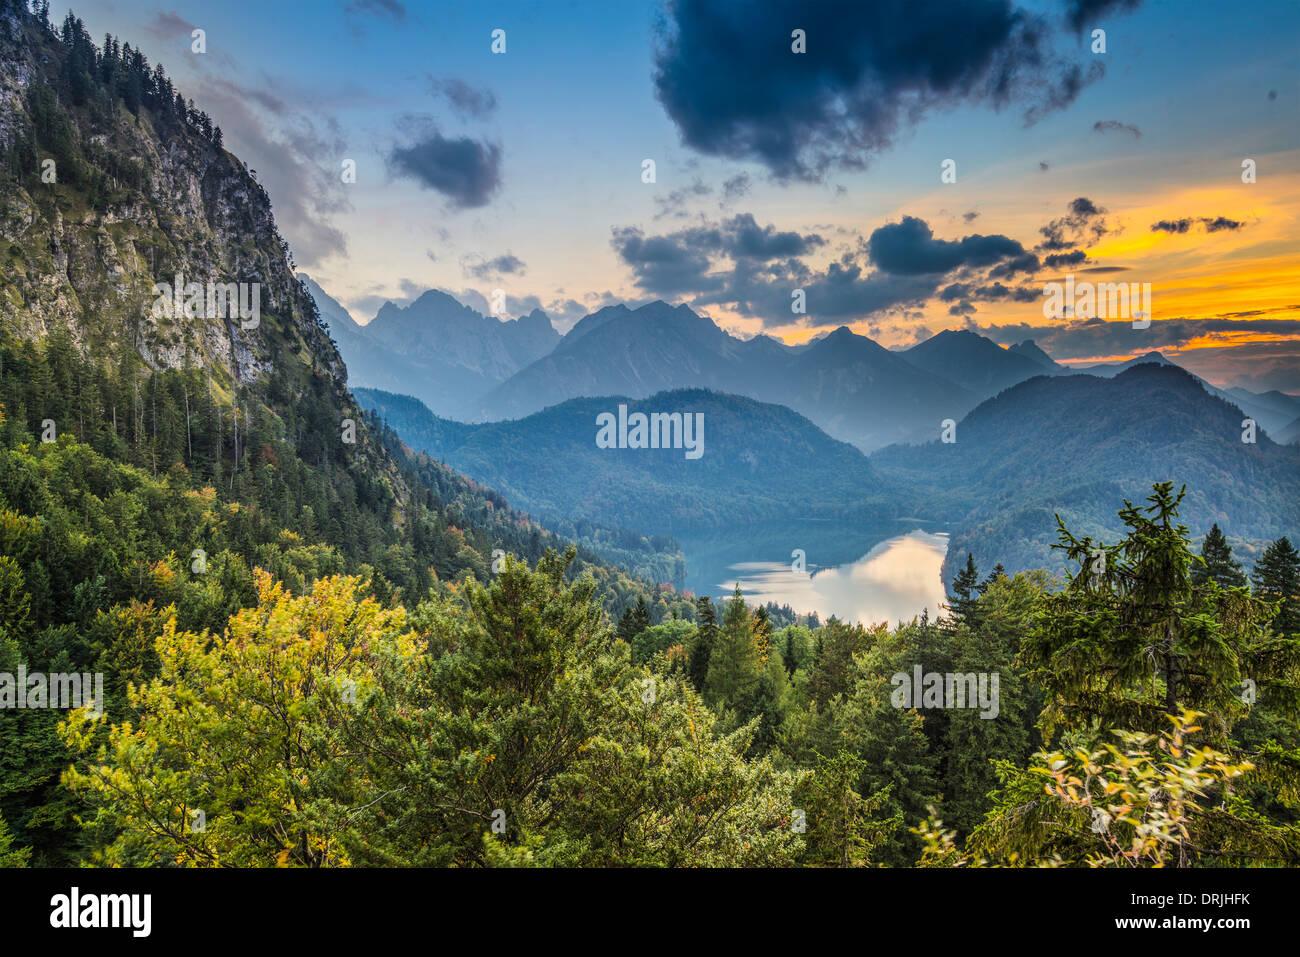 Alpi bavaresi il paesaggio in Germania. Immagini Stock